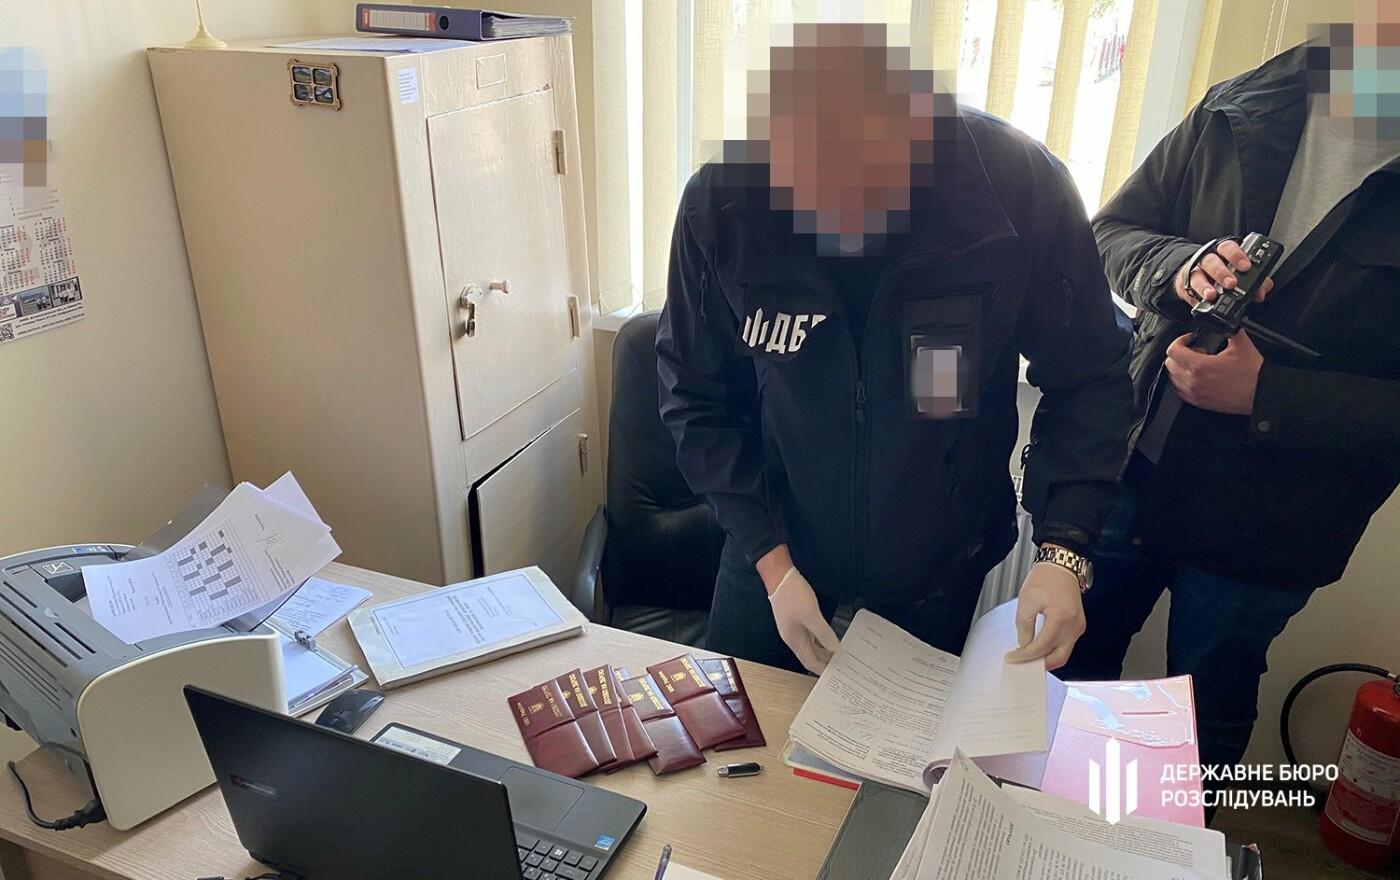 ТУ ДБР у Хмельницькому: «кришування» перевезення алкоголю та тютюну начальником поліції, фото-2